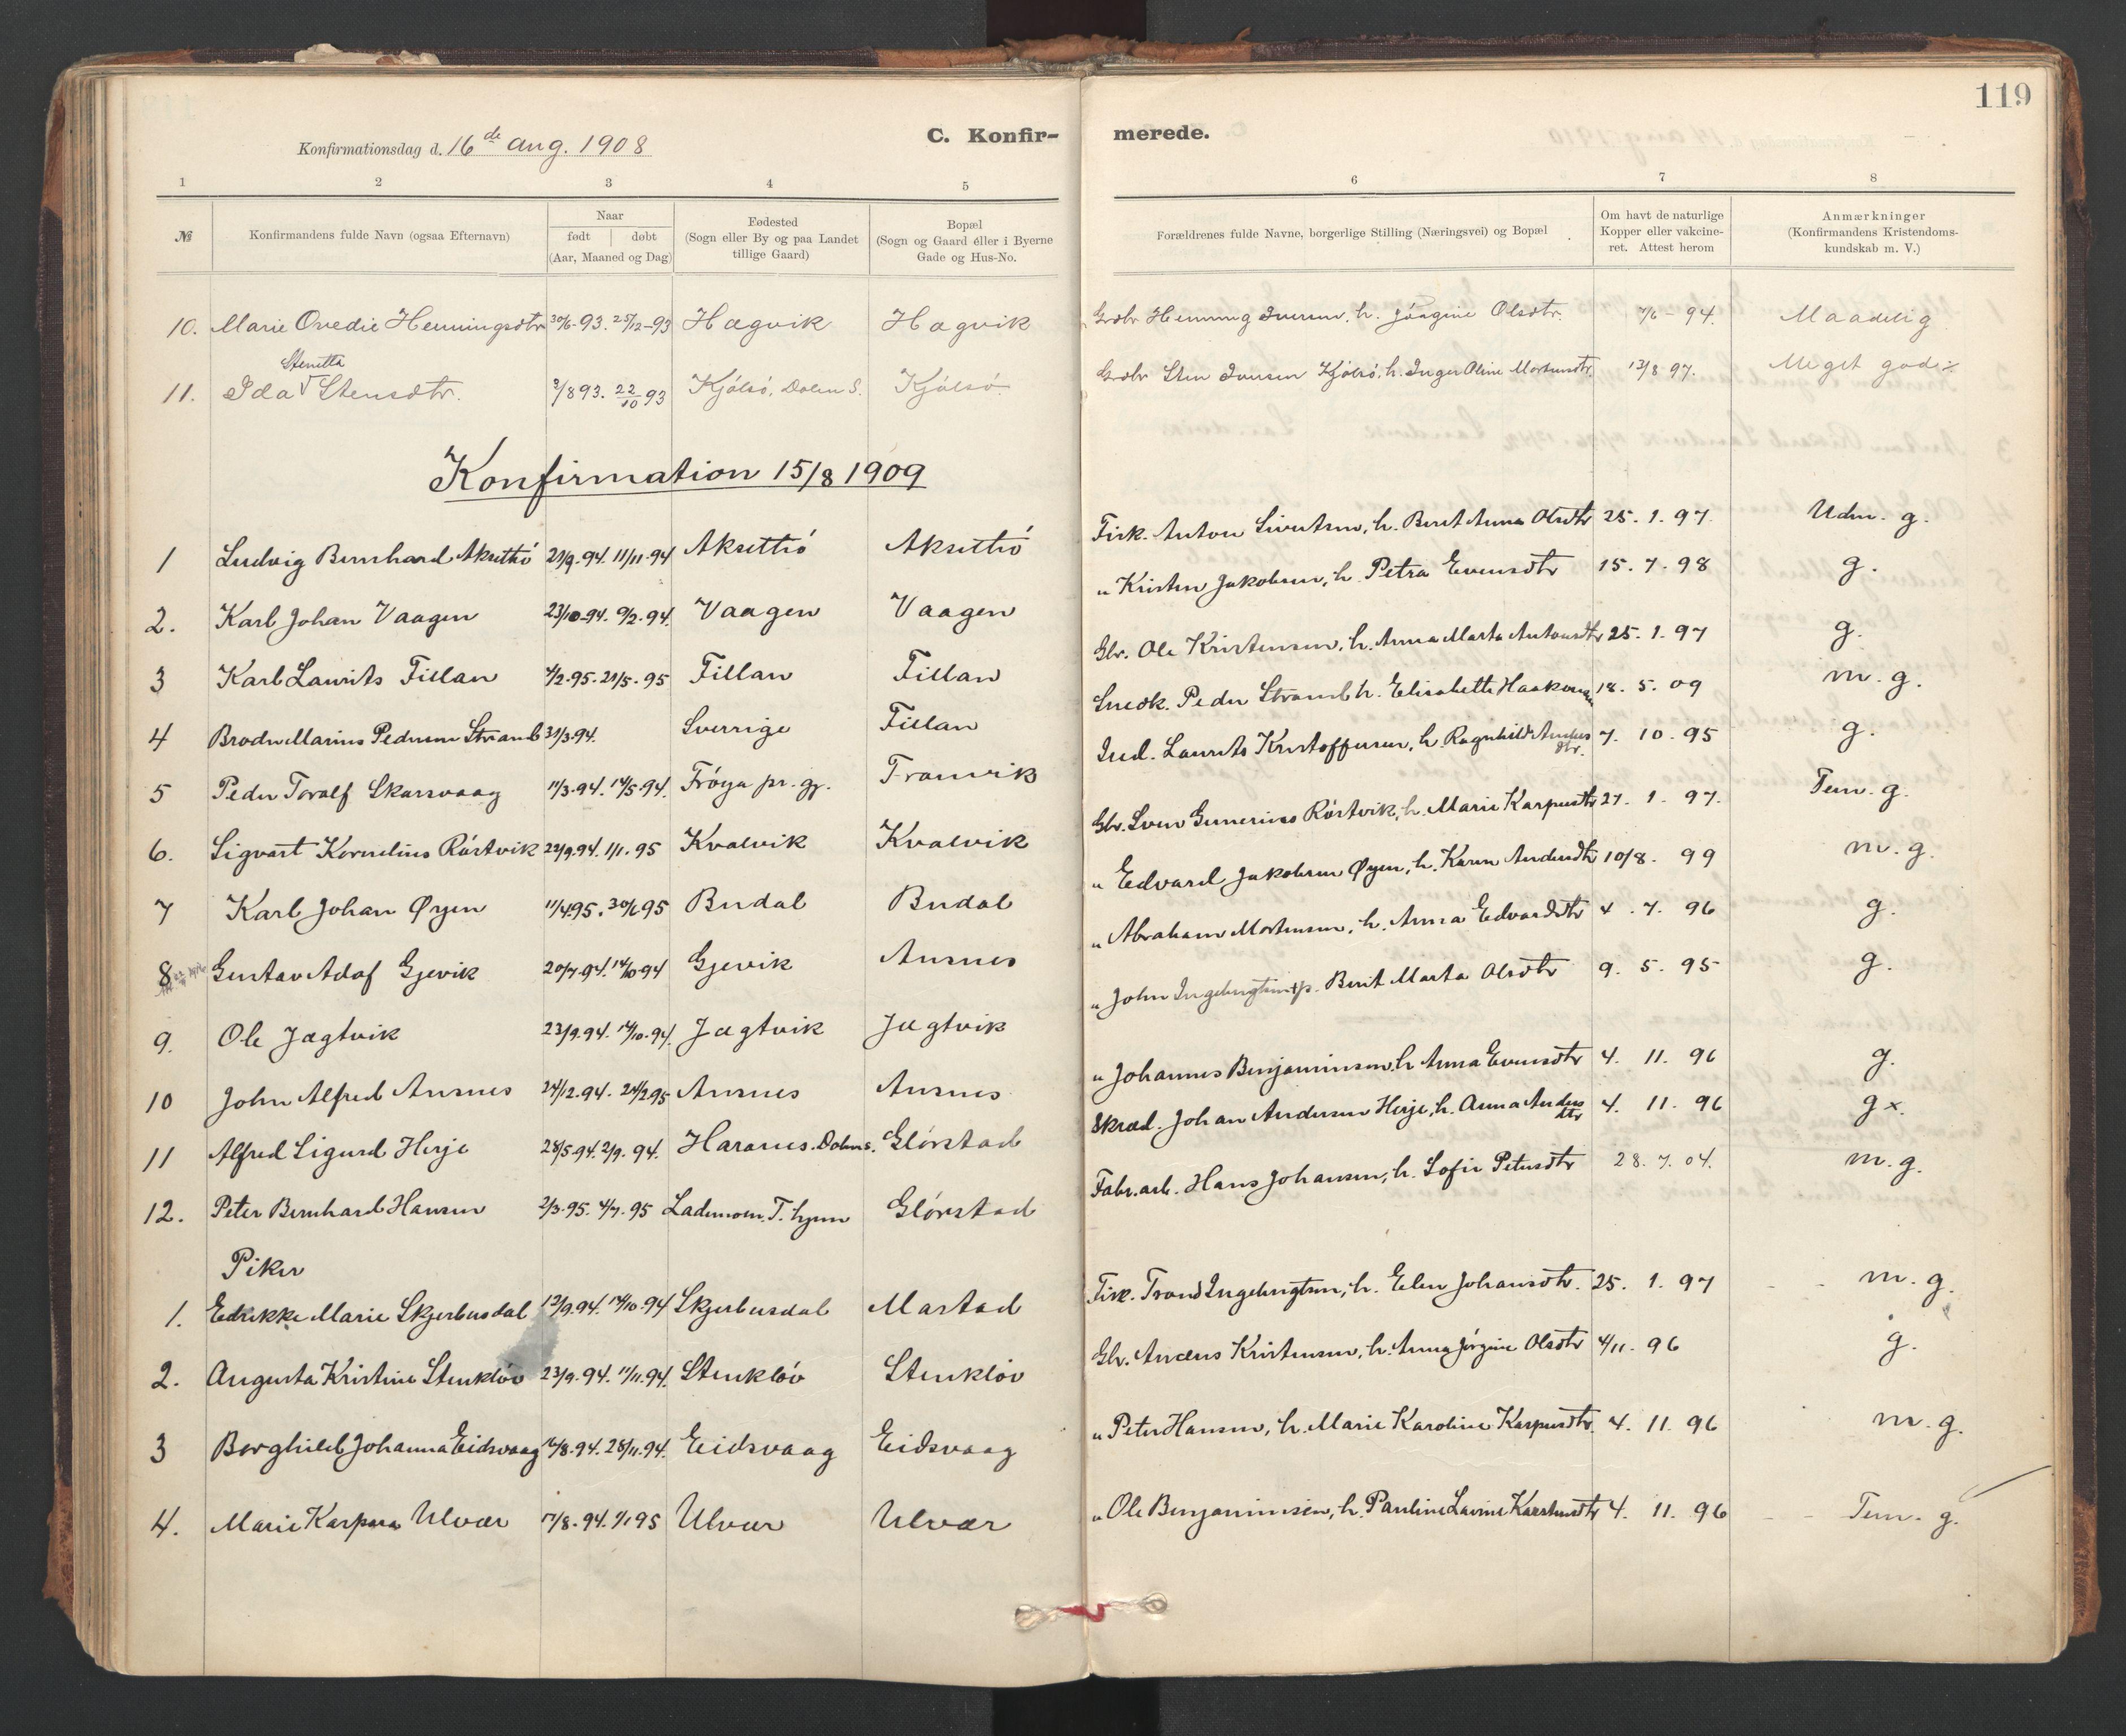 SAT, Ministerialprotokoller, klokkerbøker og fødselsregistre - Sør-Trøndelag, 637/L0559: Ministerialbok nr. 637A02, 1899-1923, s. 119